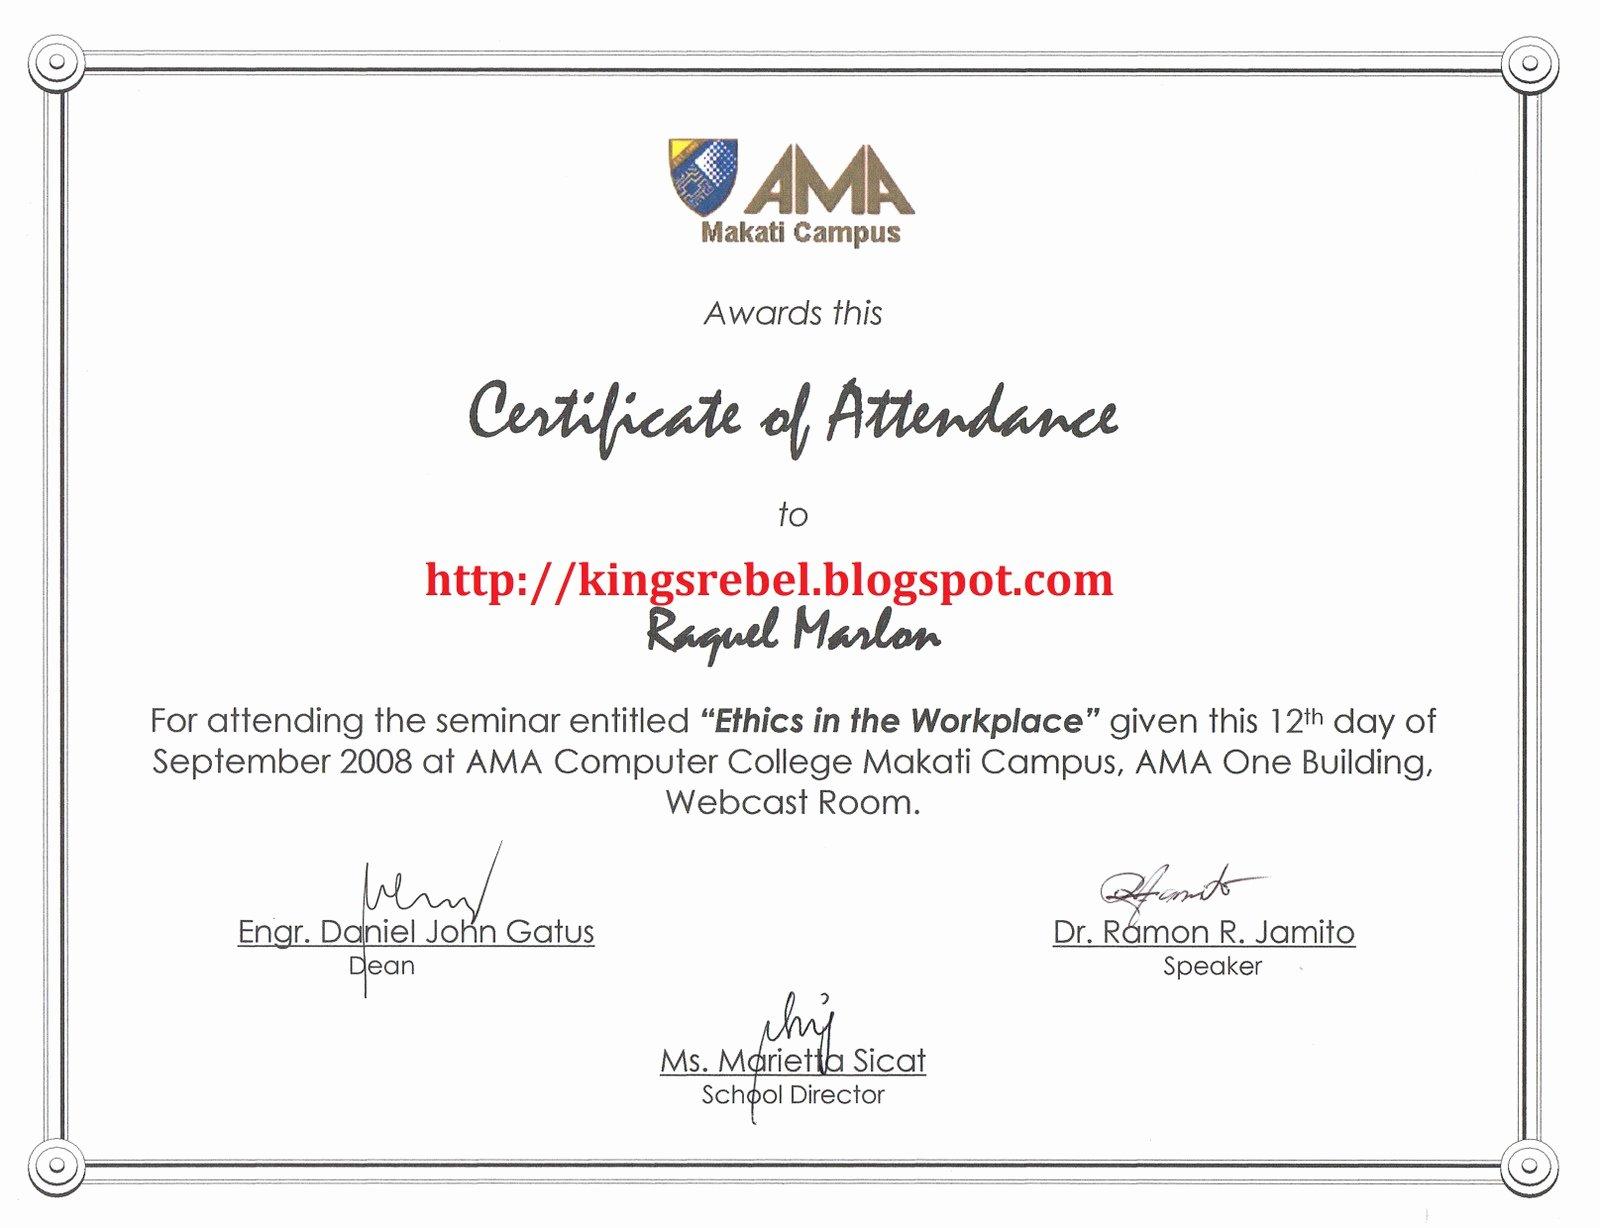 Ceu Certificate Of attendance Template Best Of Best S Of Seminar Certificate attendance Template